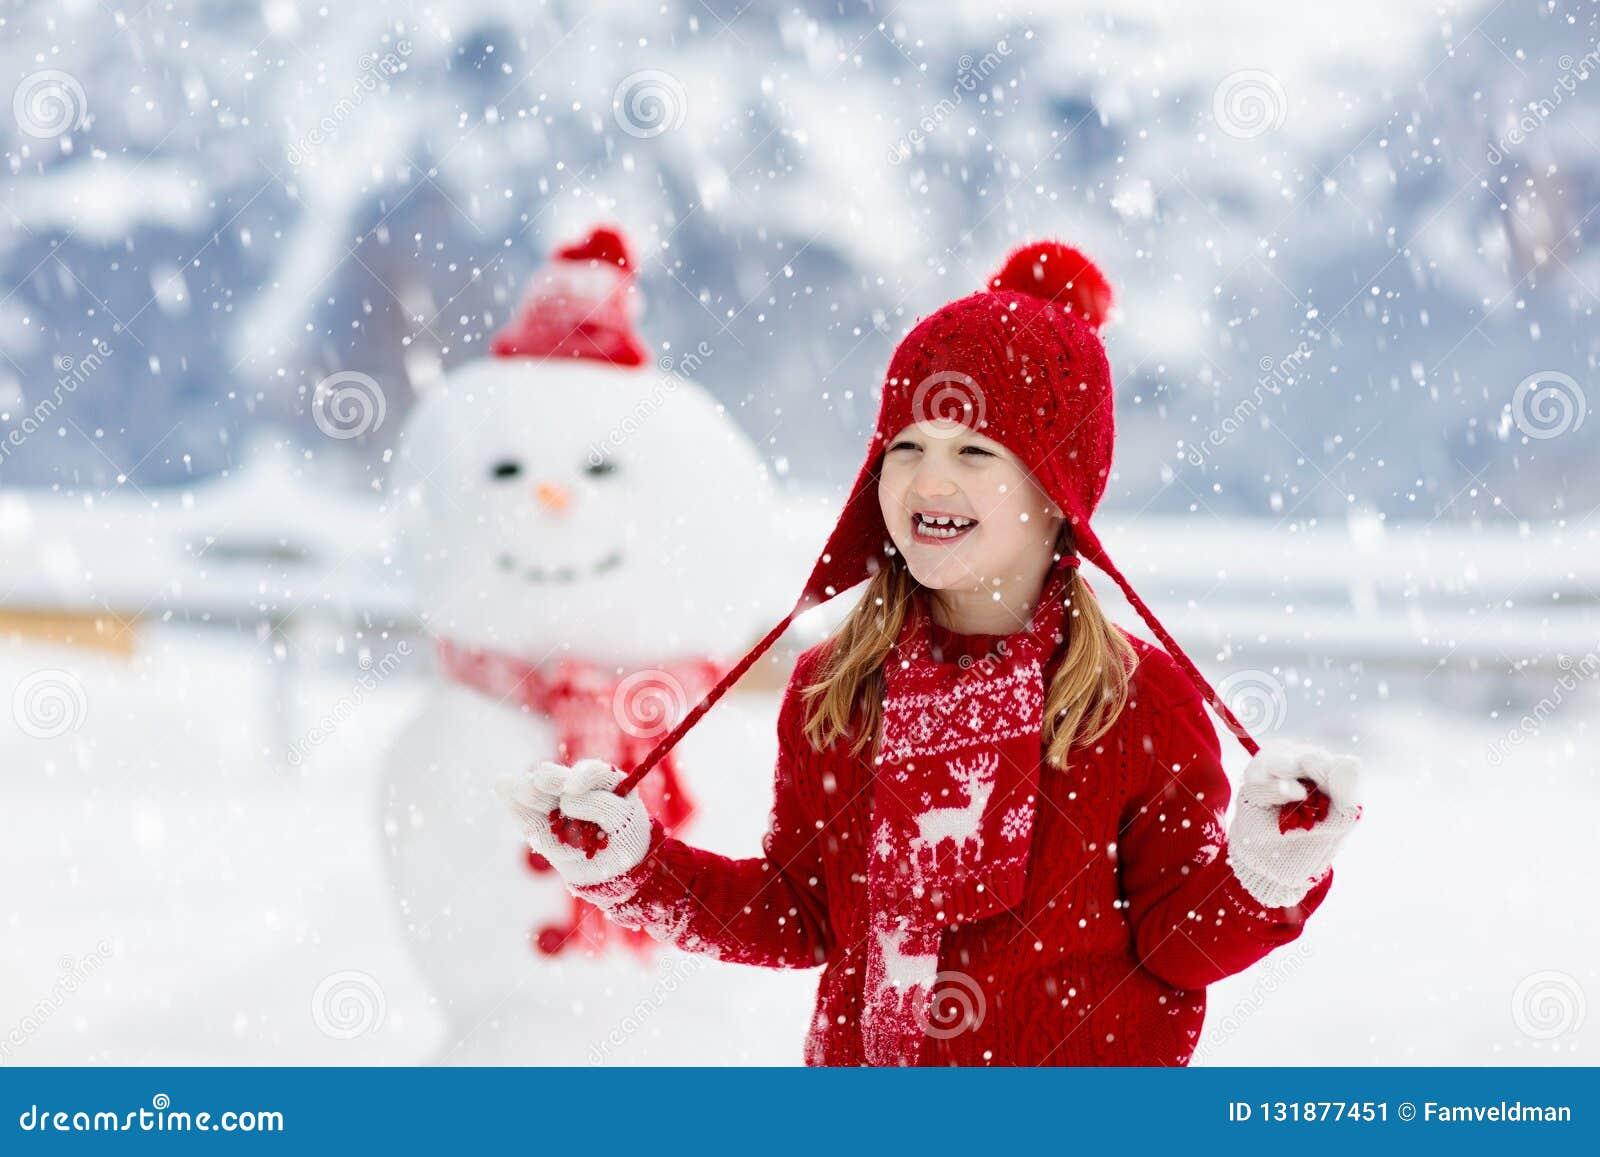 儿童大厦雪人 孩子修造雪人